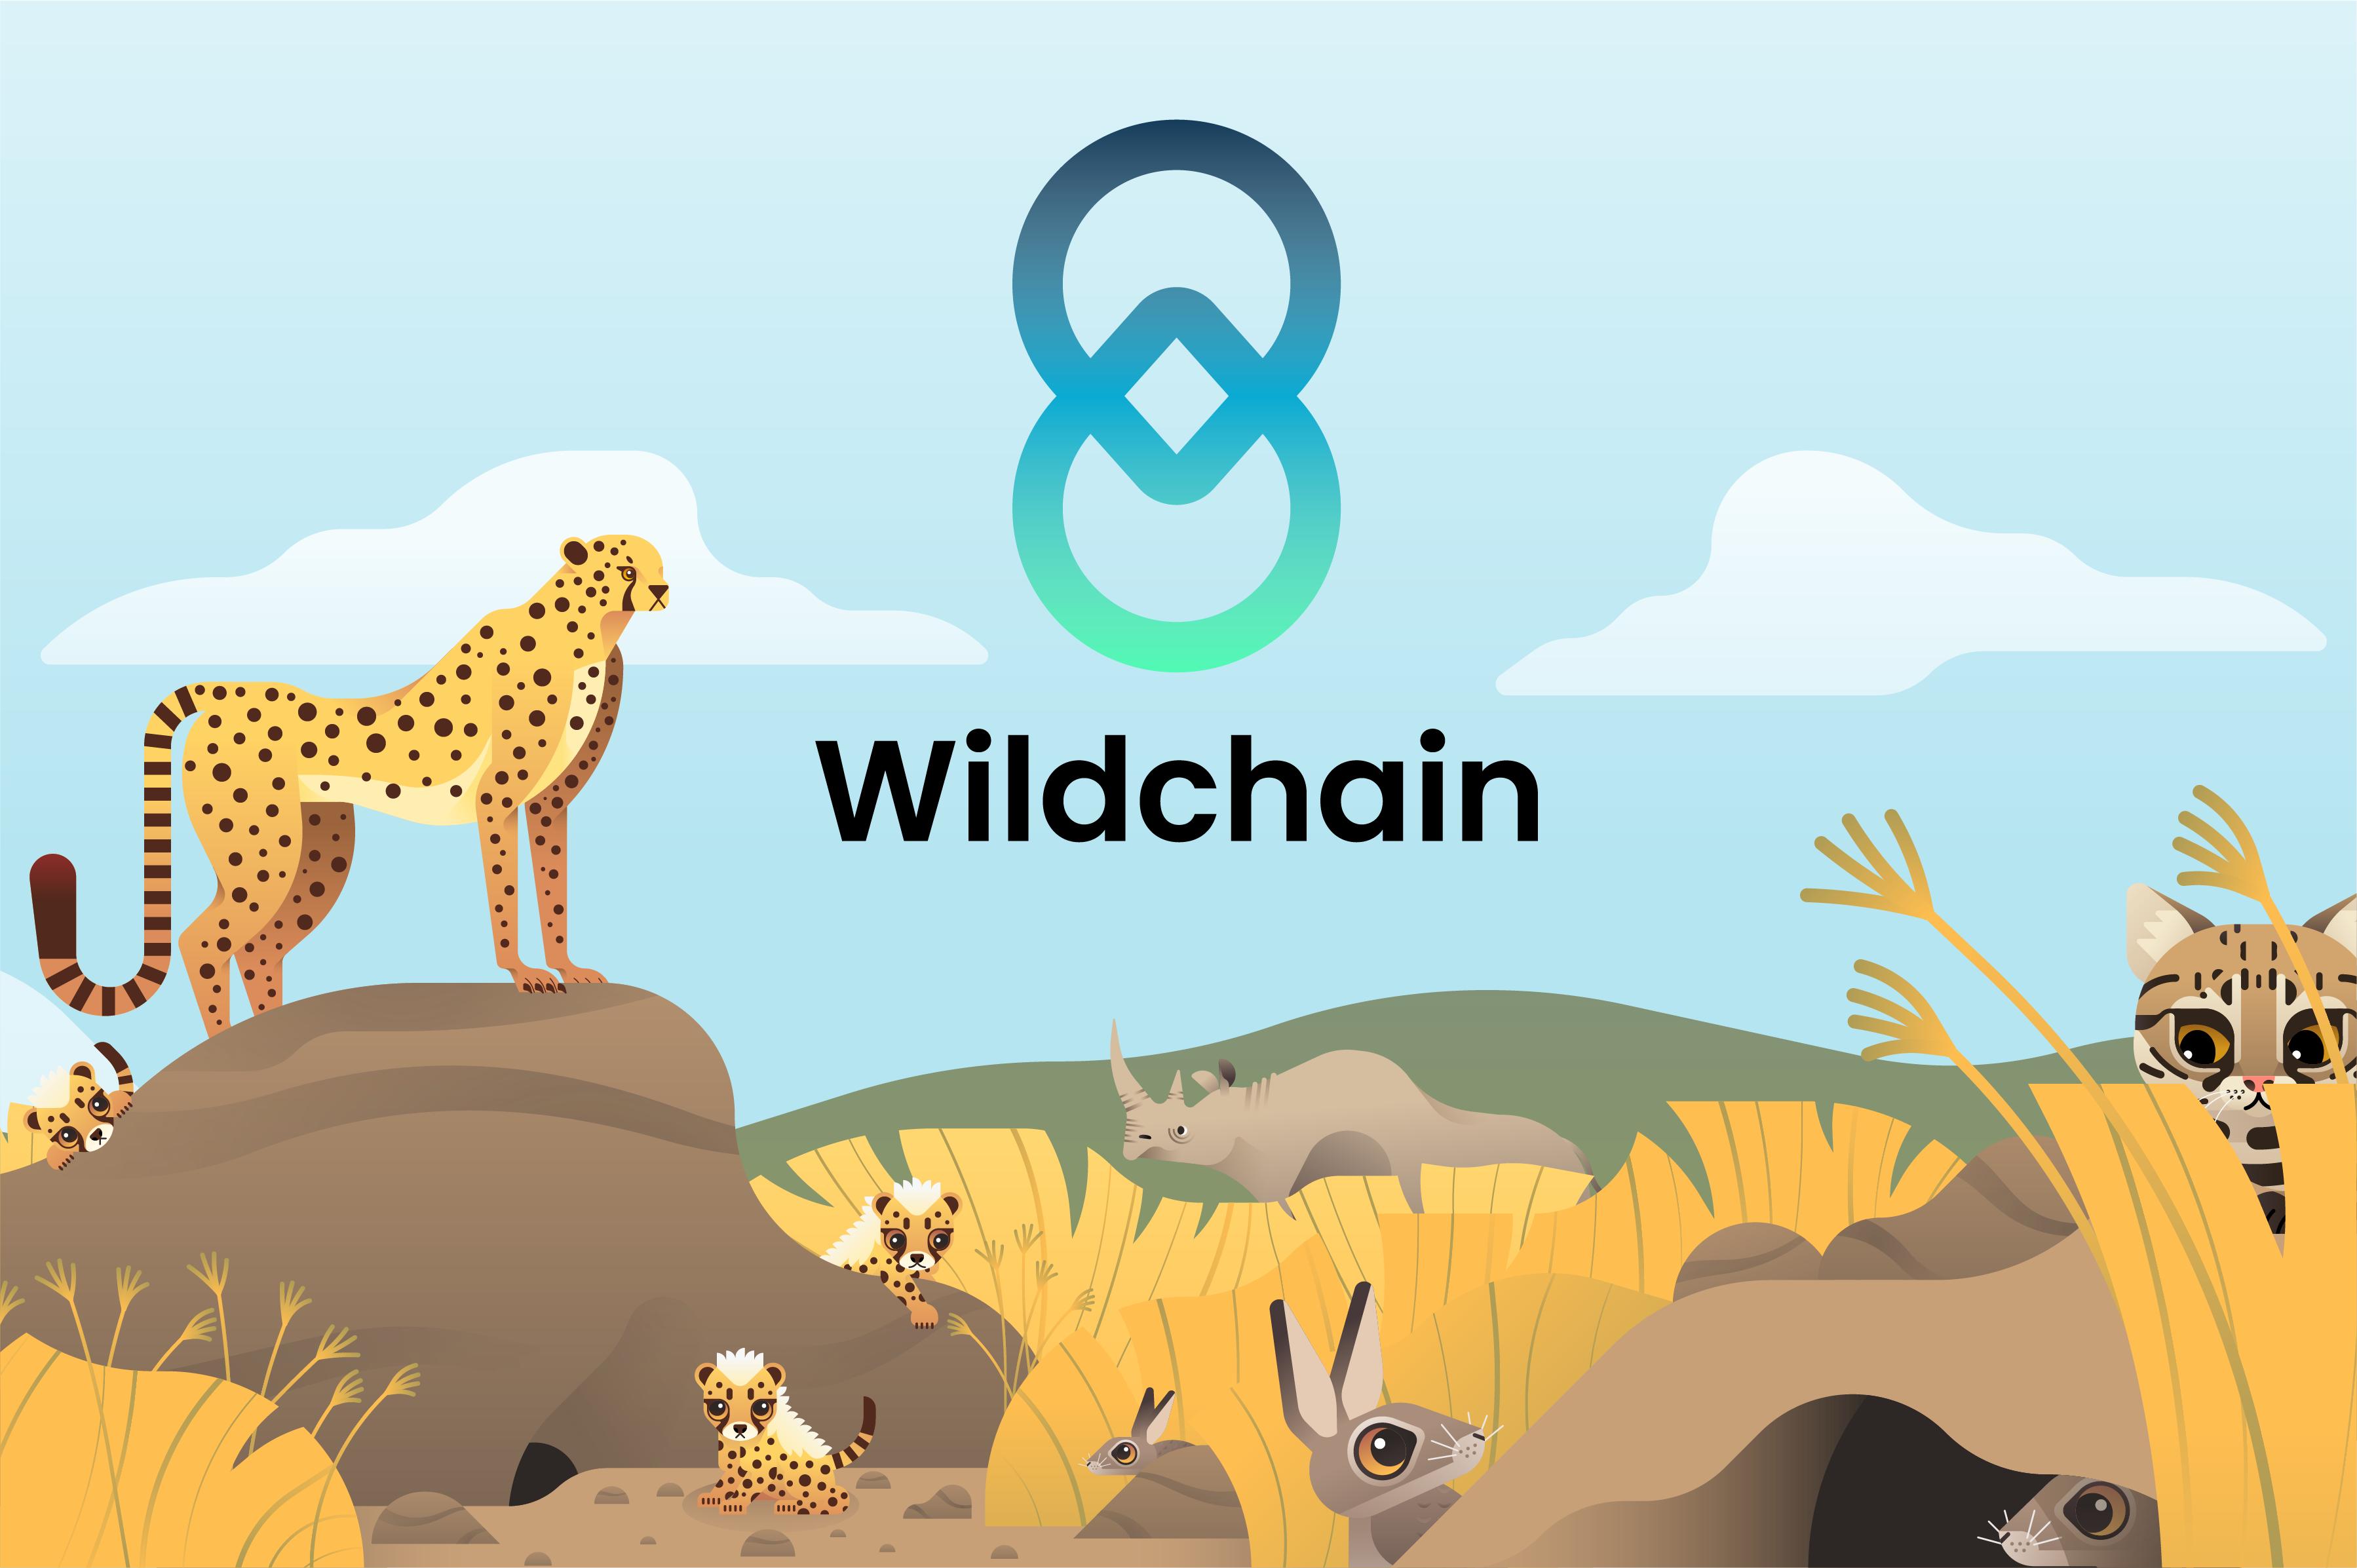 Wildchain Conservation & Digital Wildlife Adoption Platform